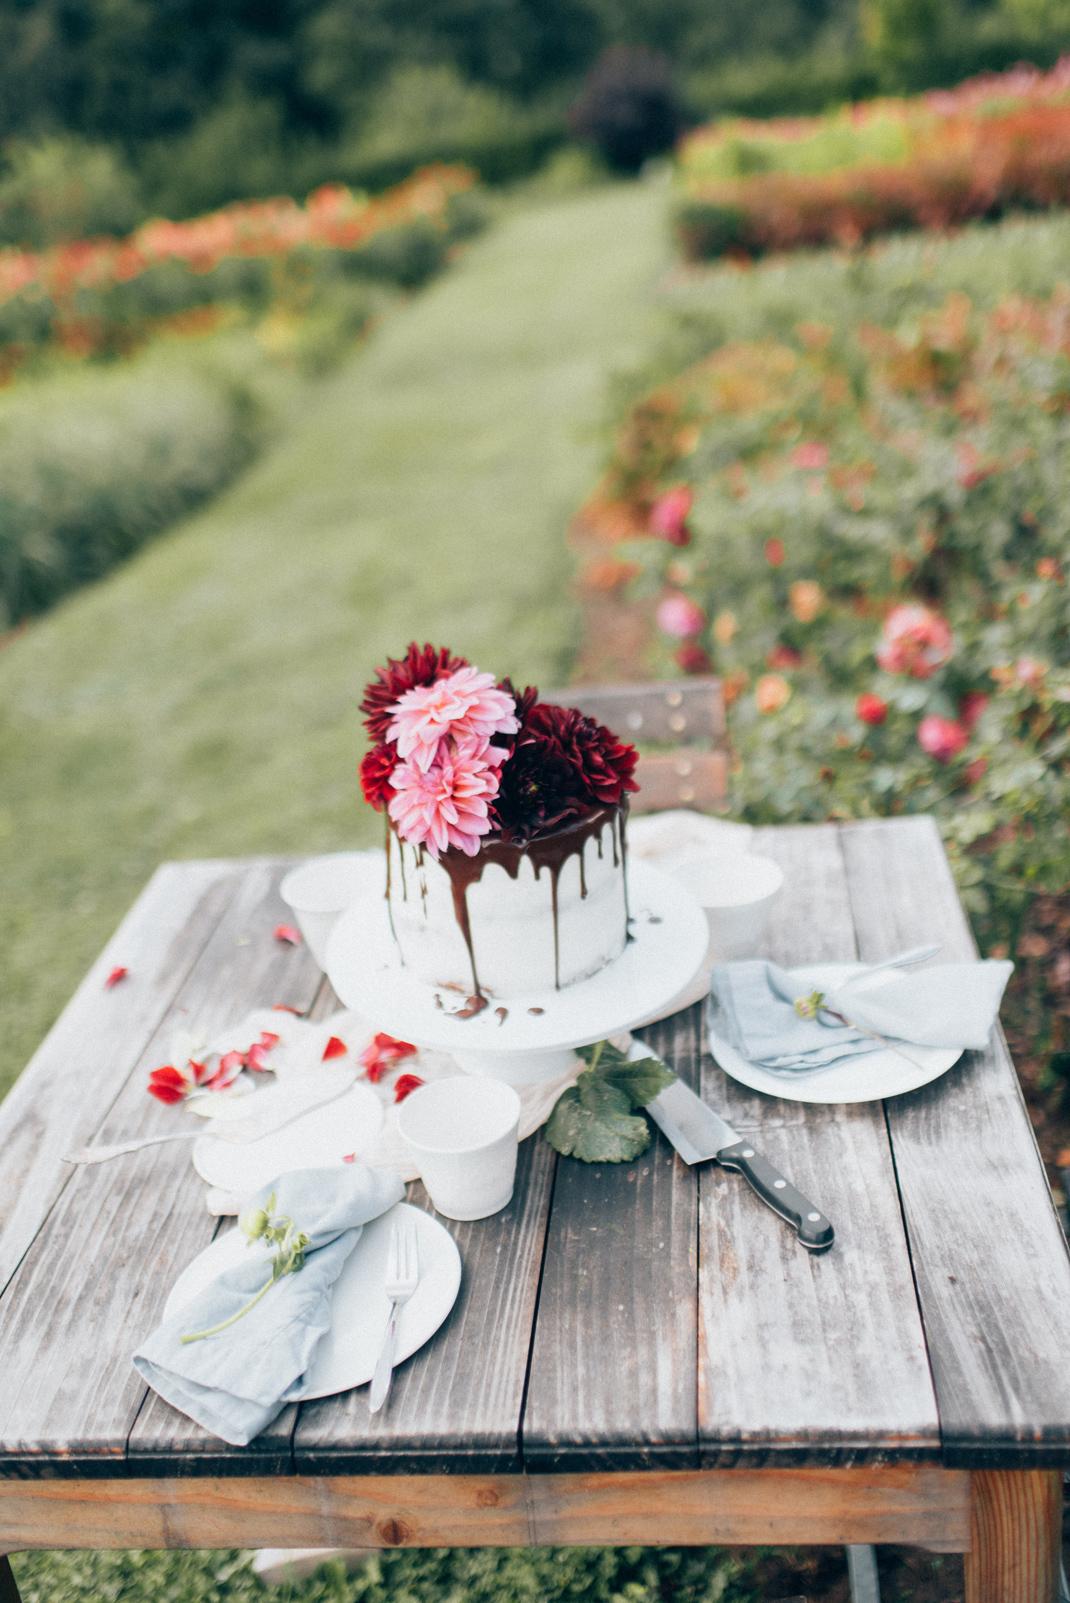 Silvia Fischer. Echte Kuchenliebe. Torte auf Tisch im Blumengarten